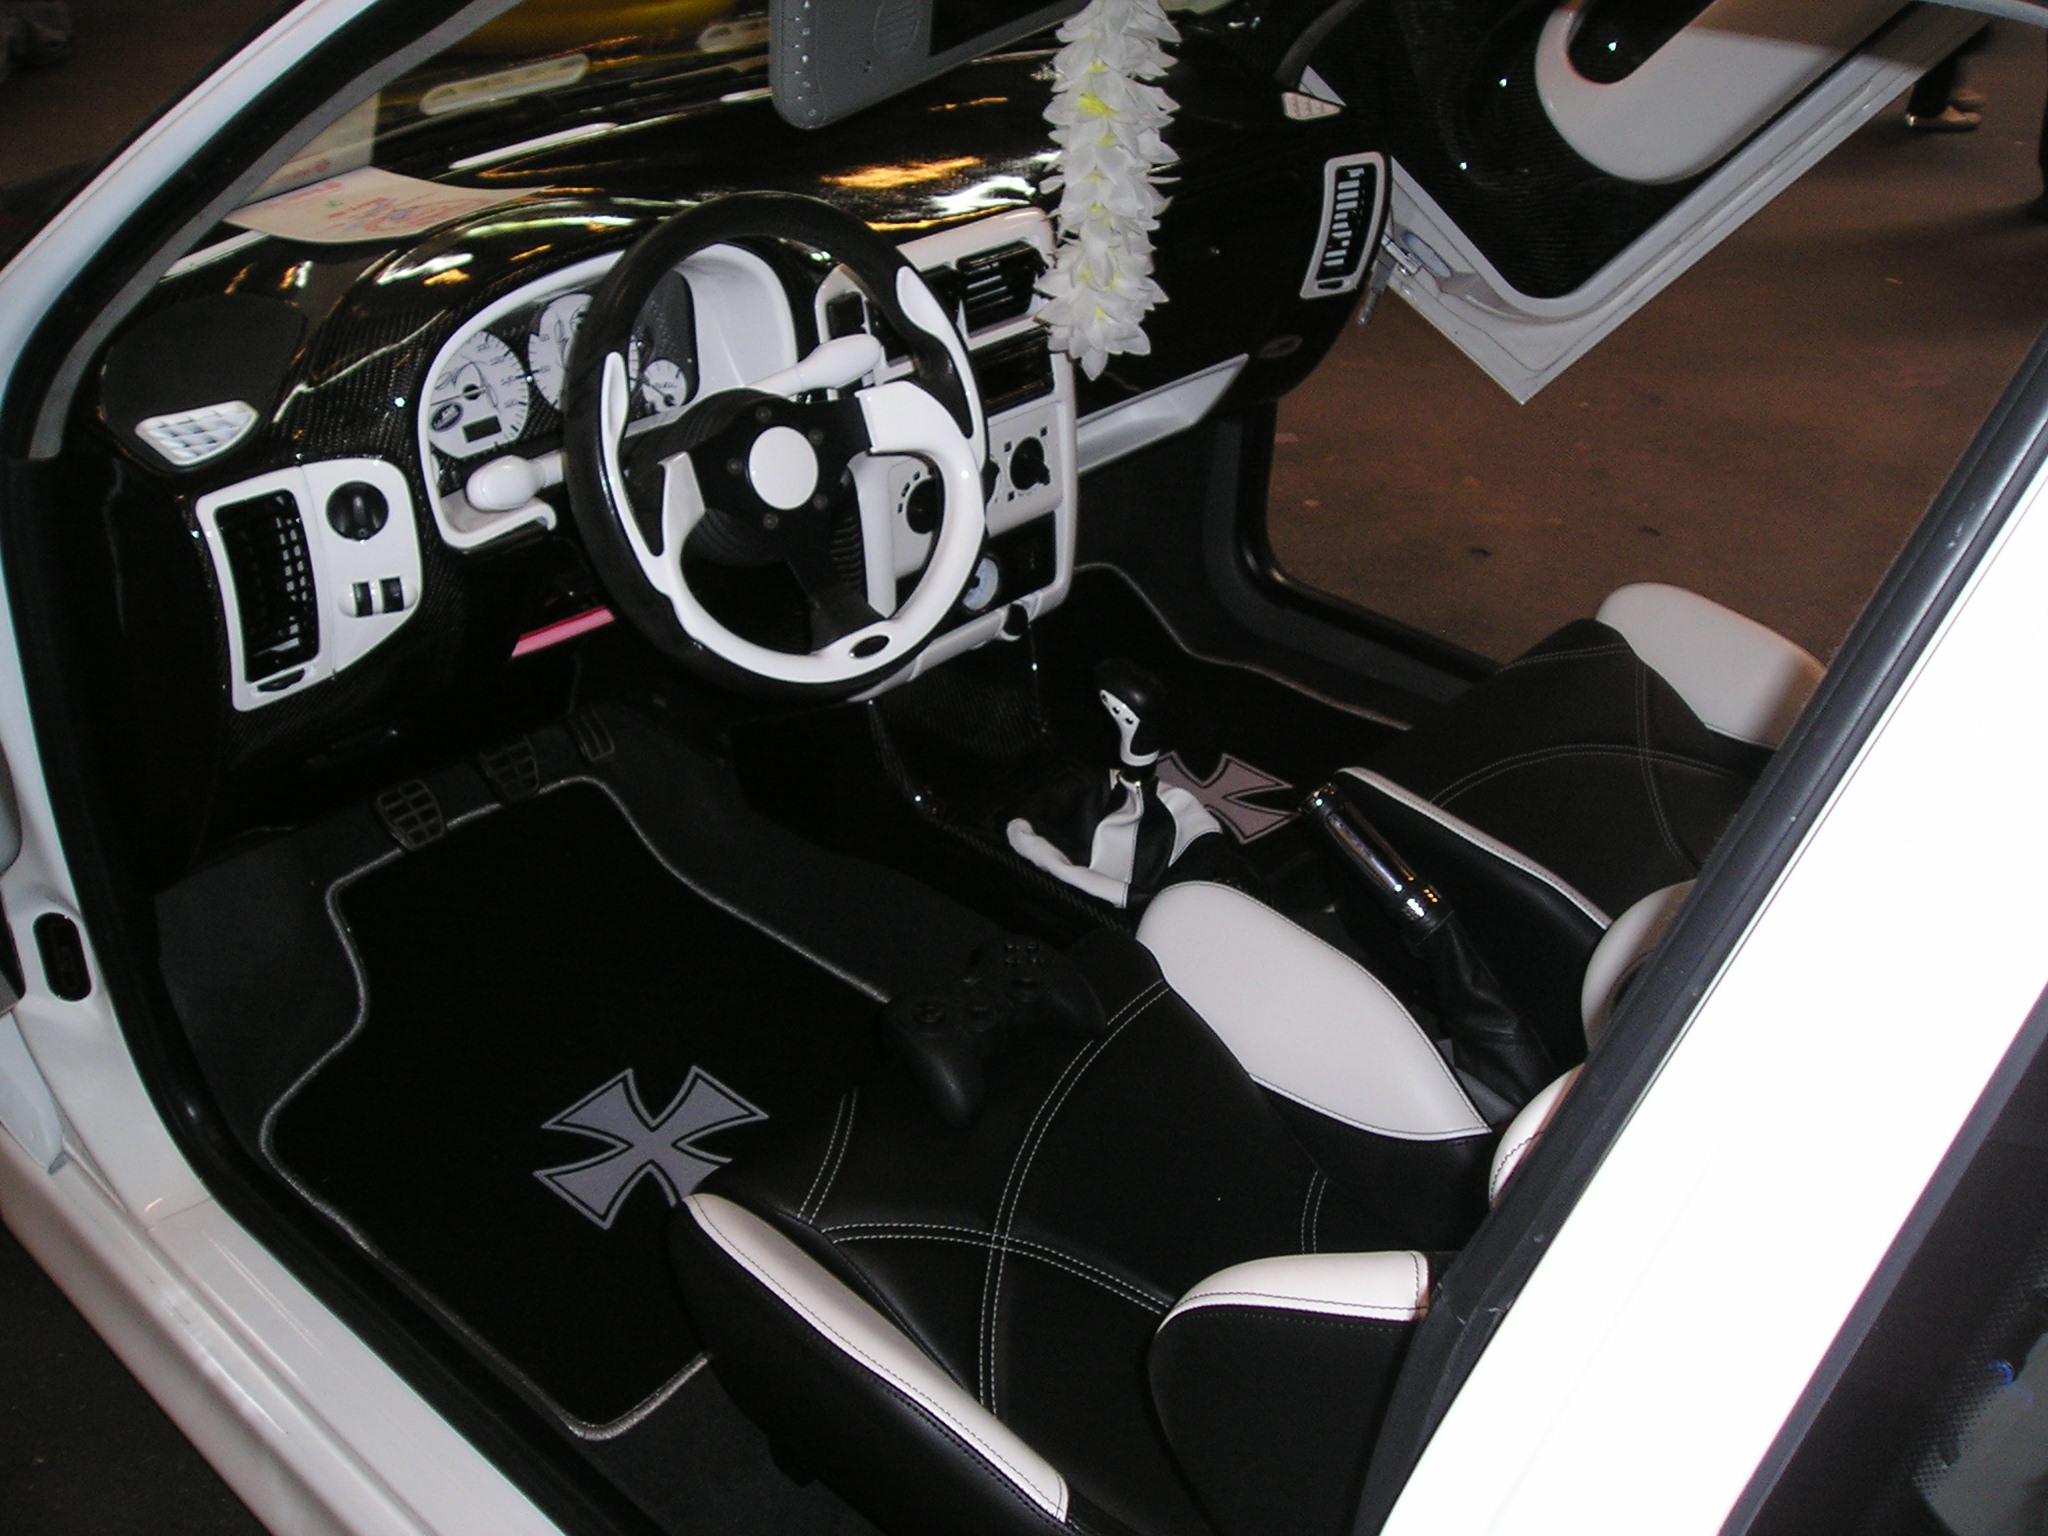 blog eintrag noch zwei bilder vom innenraum zum auto vw. Black Bedroom Furniture Sets. Home Design Ideas